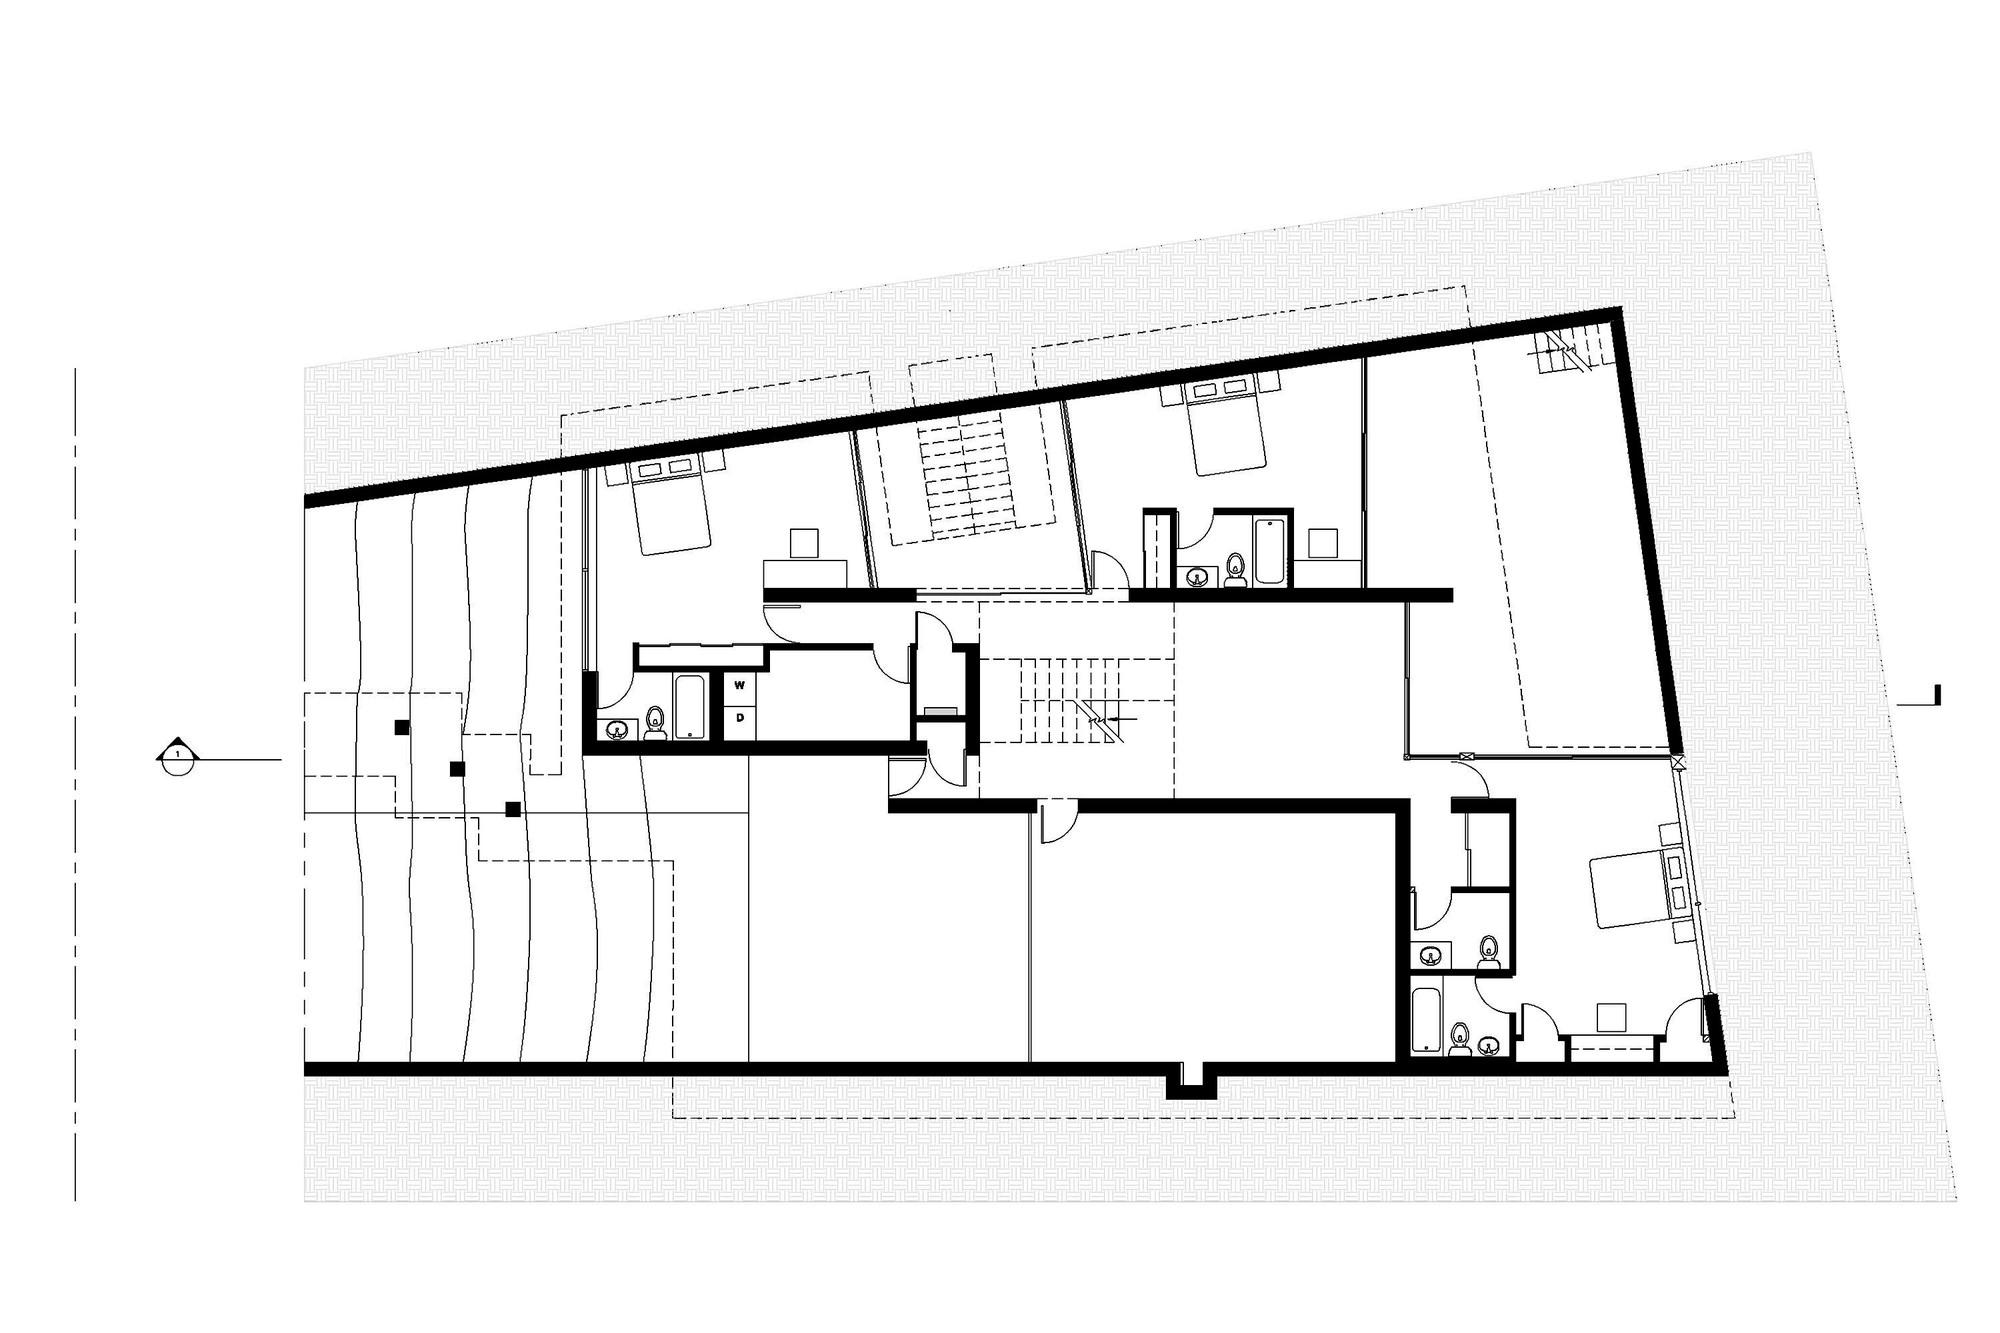 Marvelous Basement Floor Plan